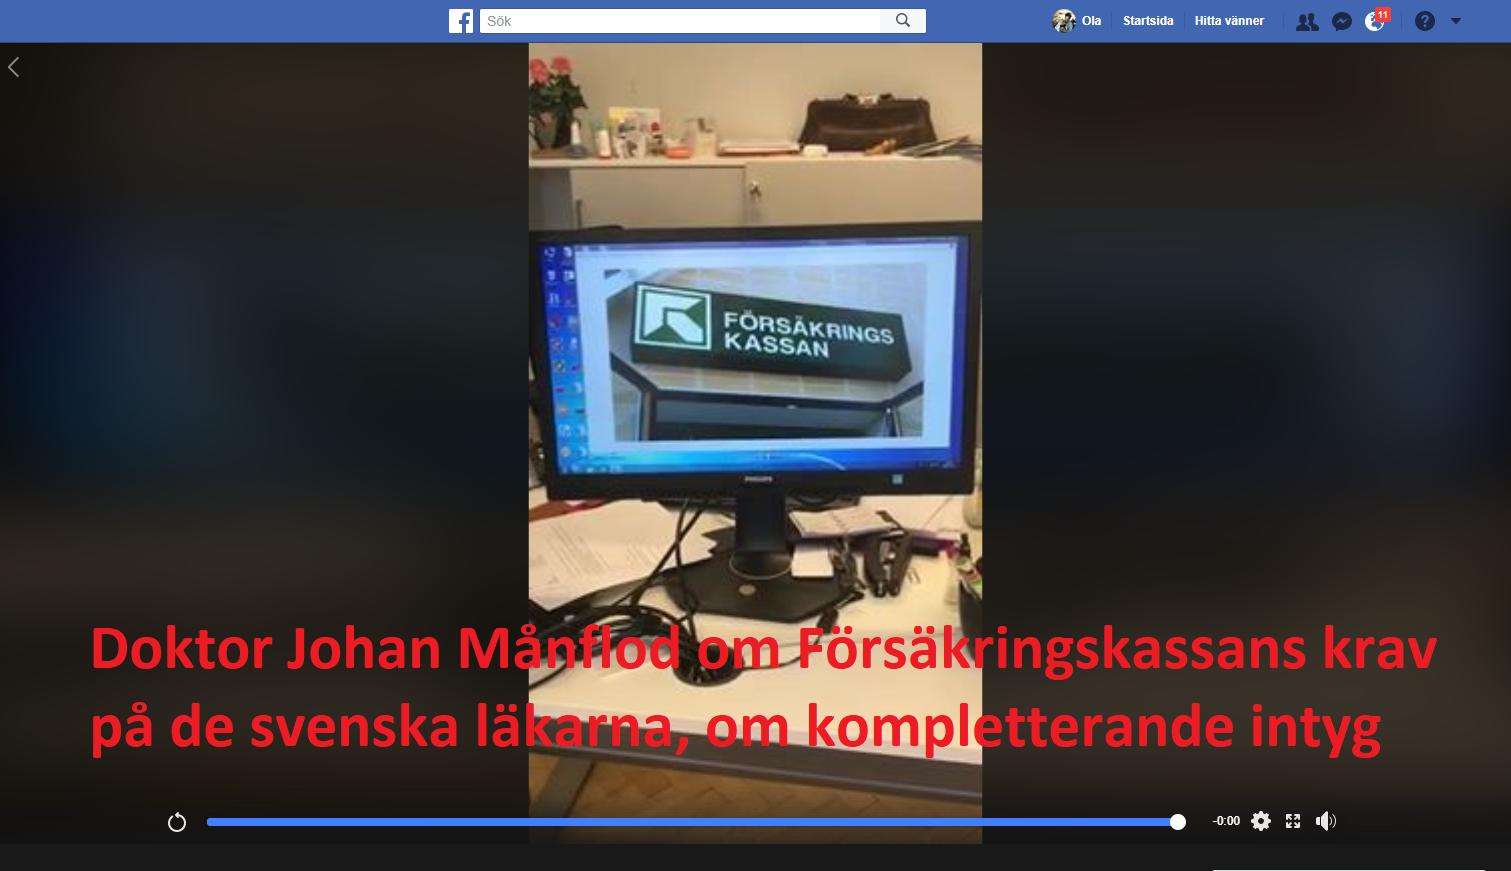 Johan Månflod vs Försäkringskassan